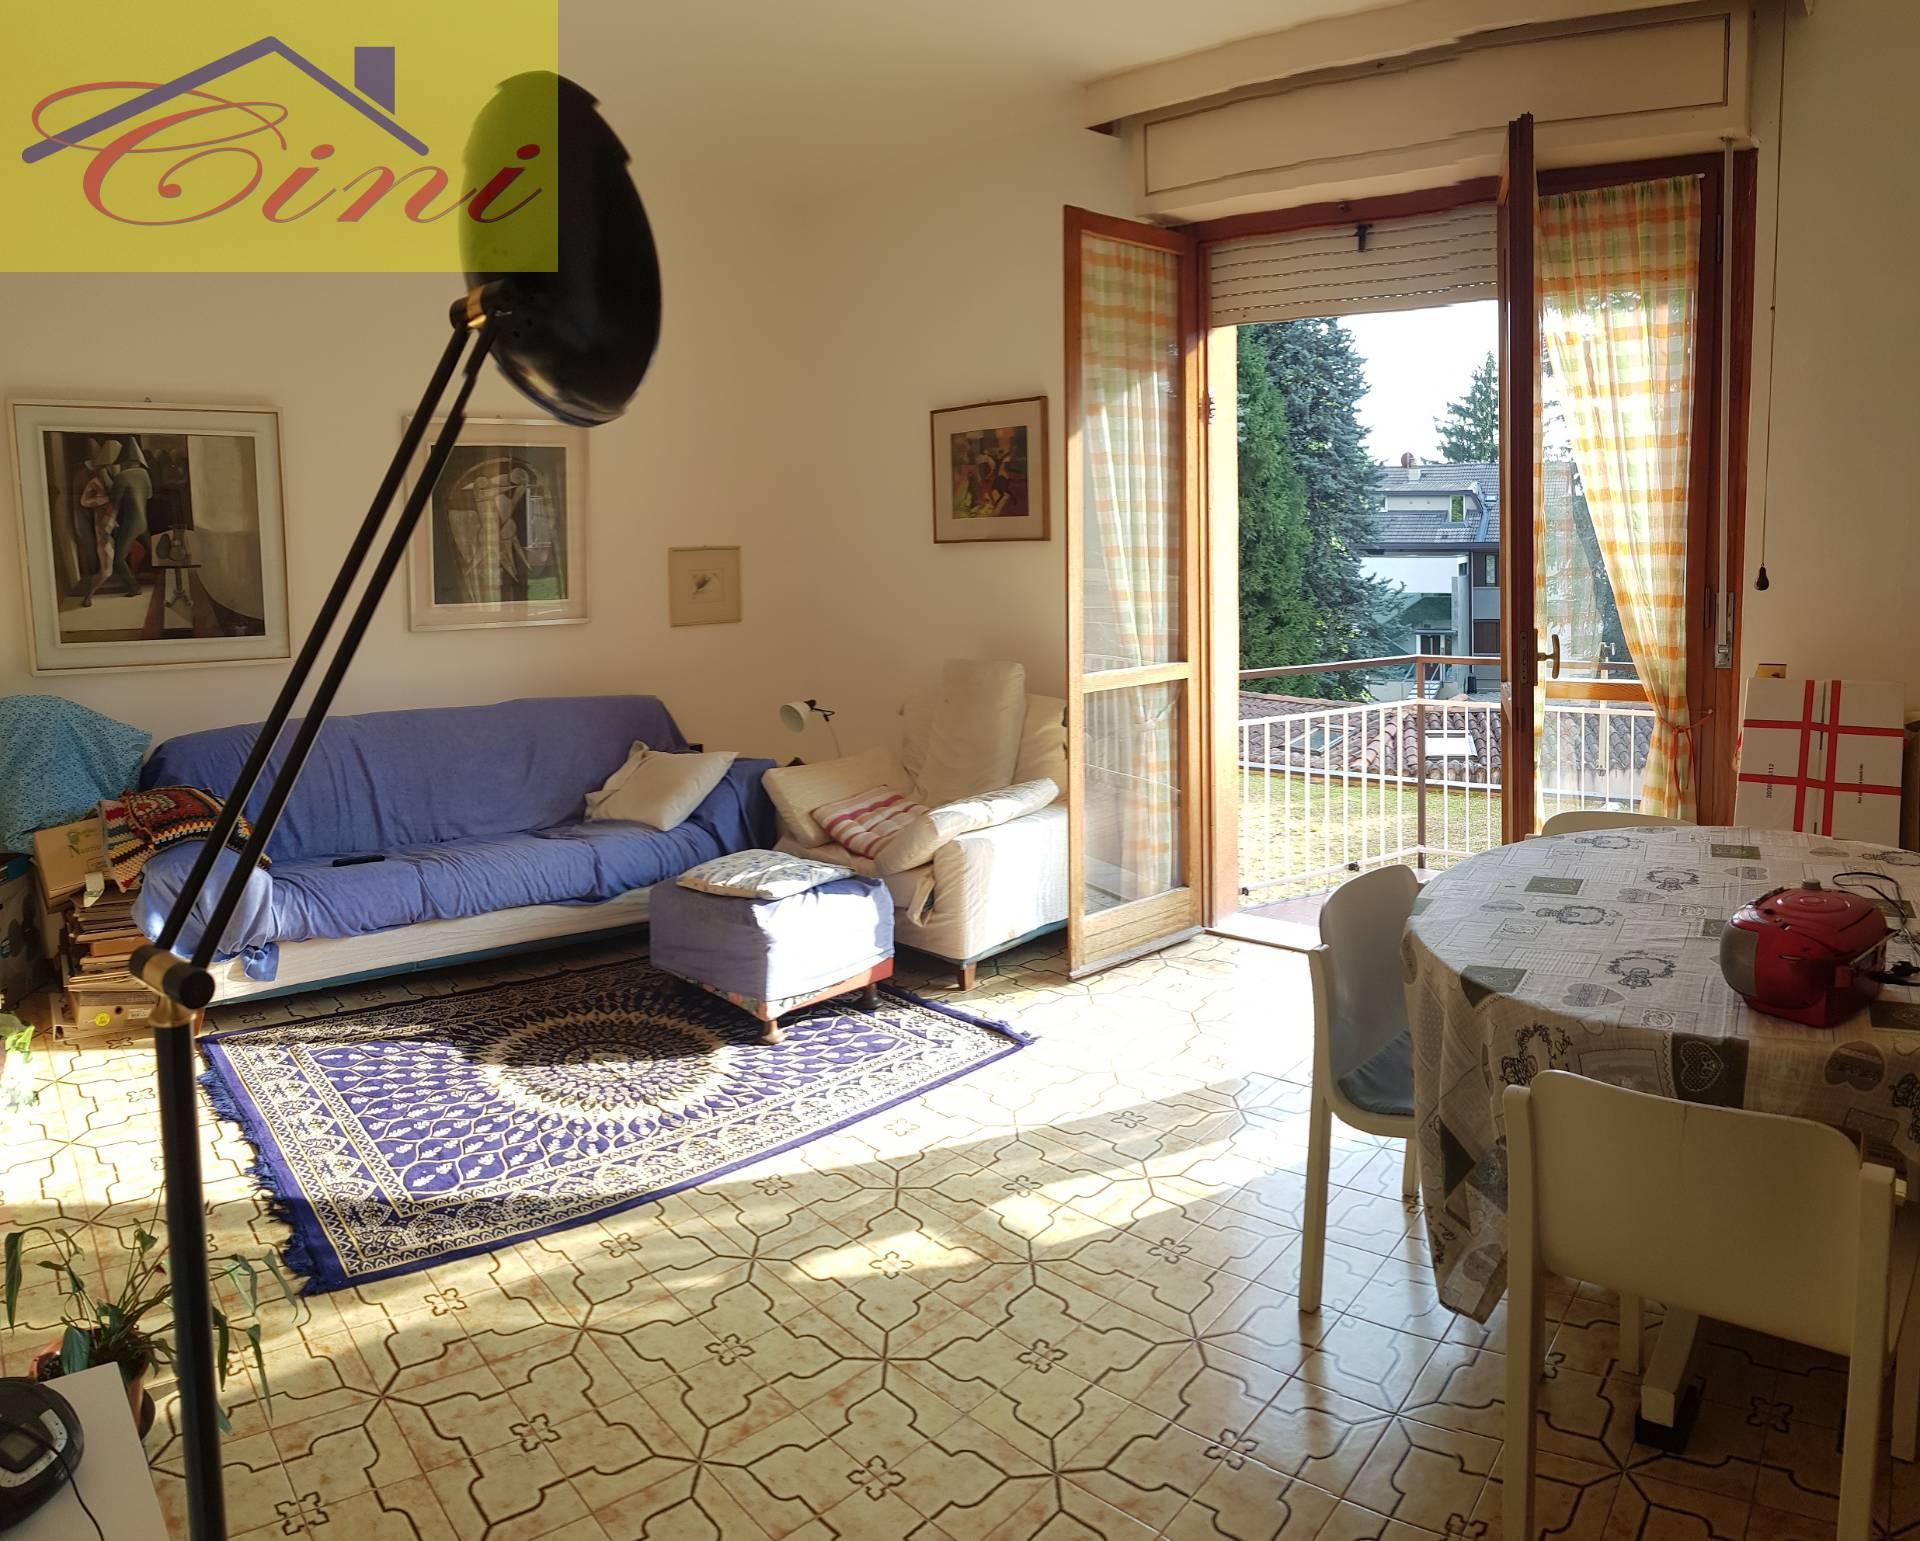 Vendita Trilocale Appartamento Lecco 165764